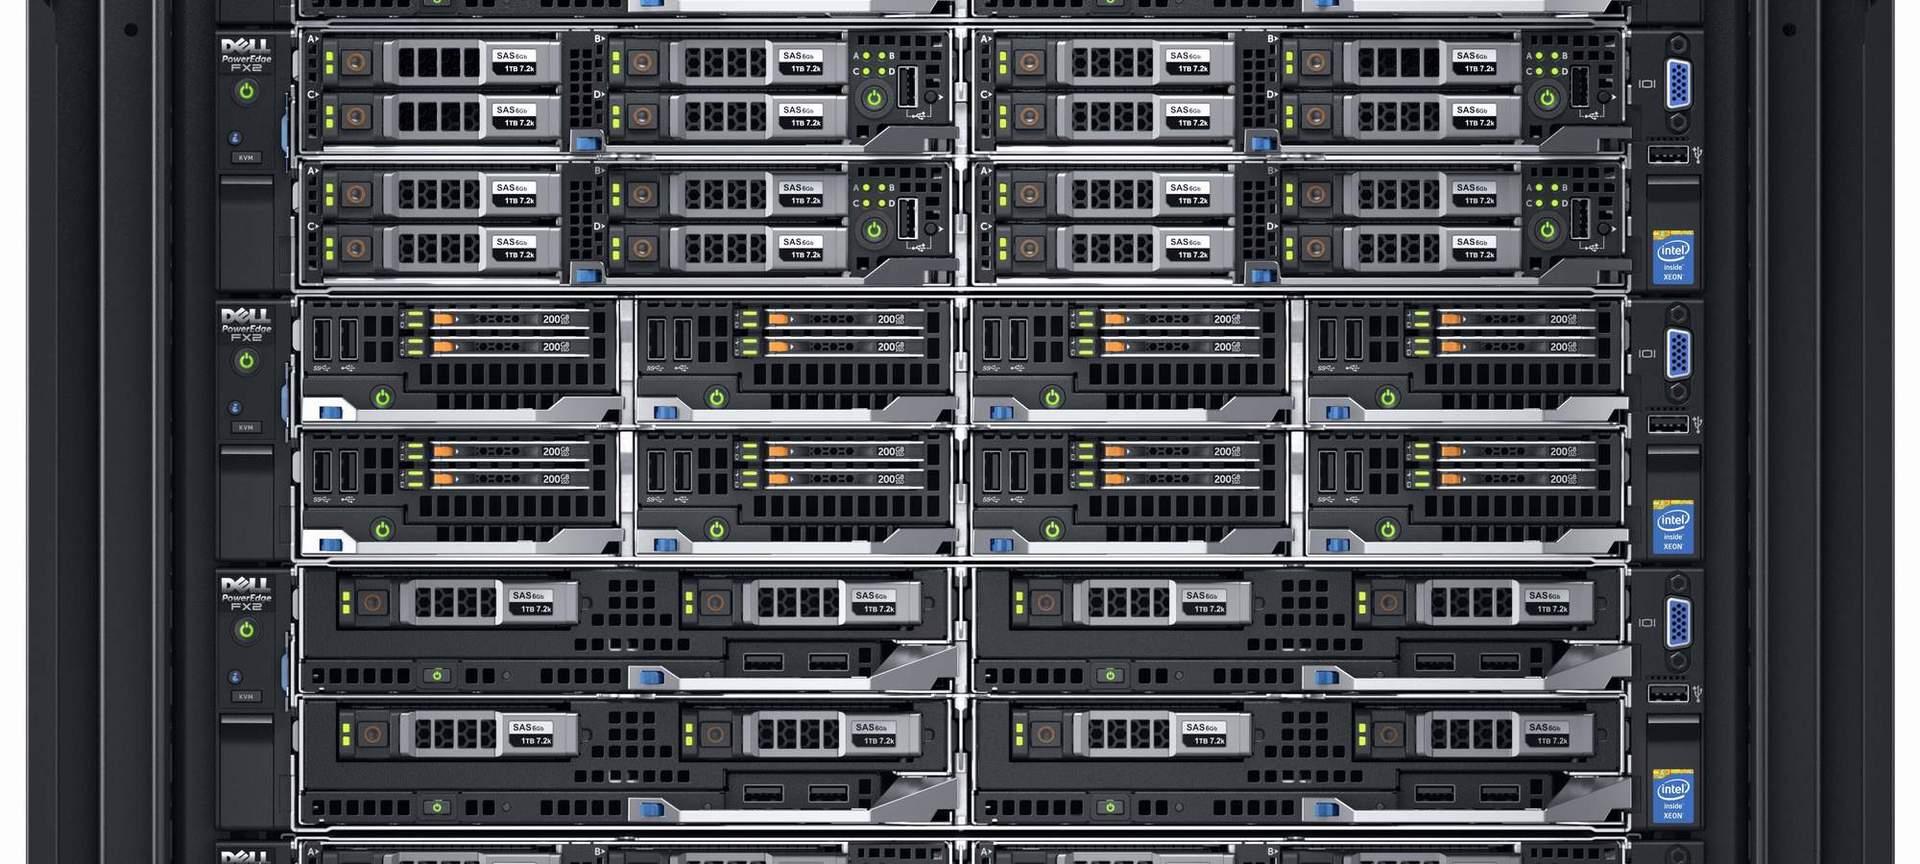 Архитектура FX: революция для конвергенции данных - 2